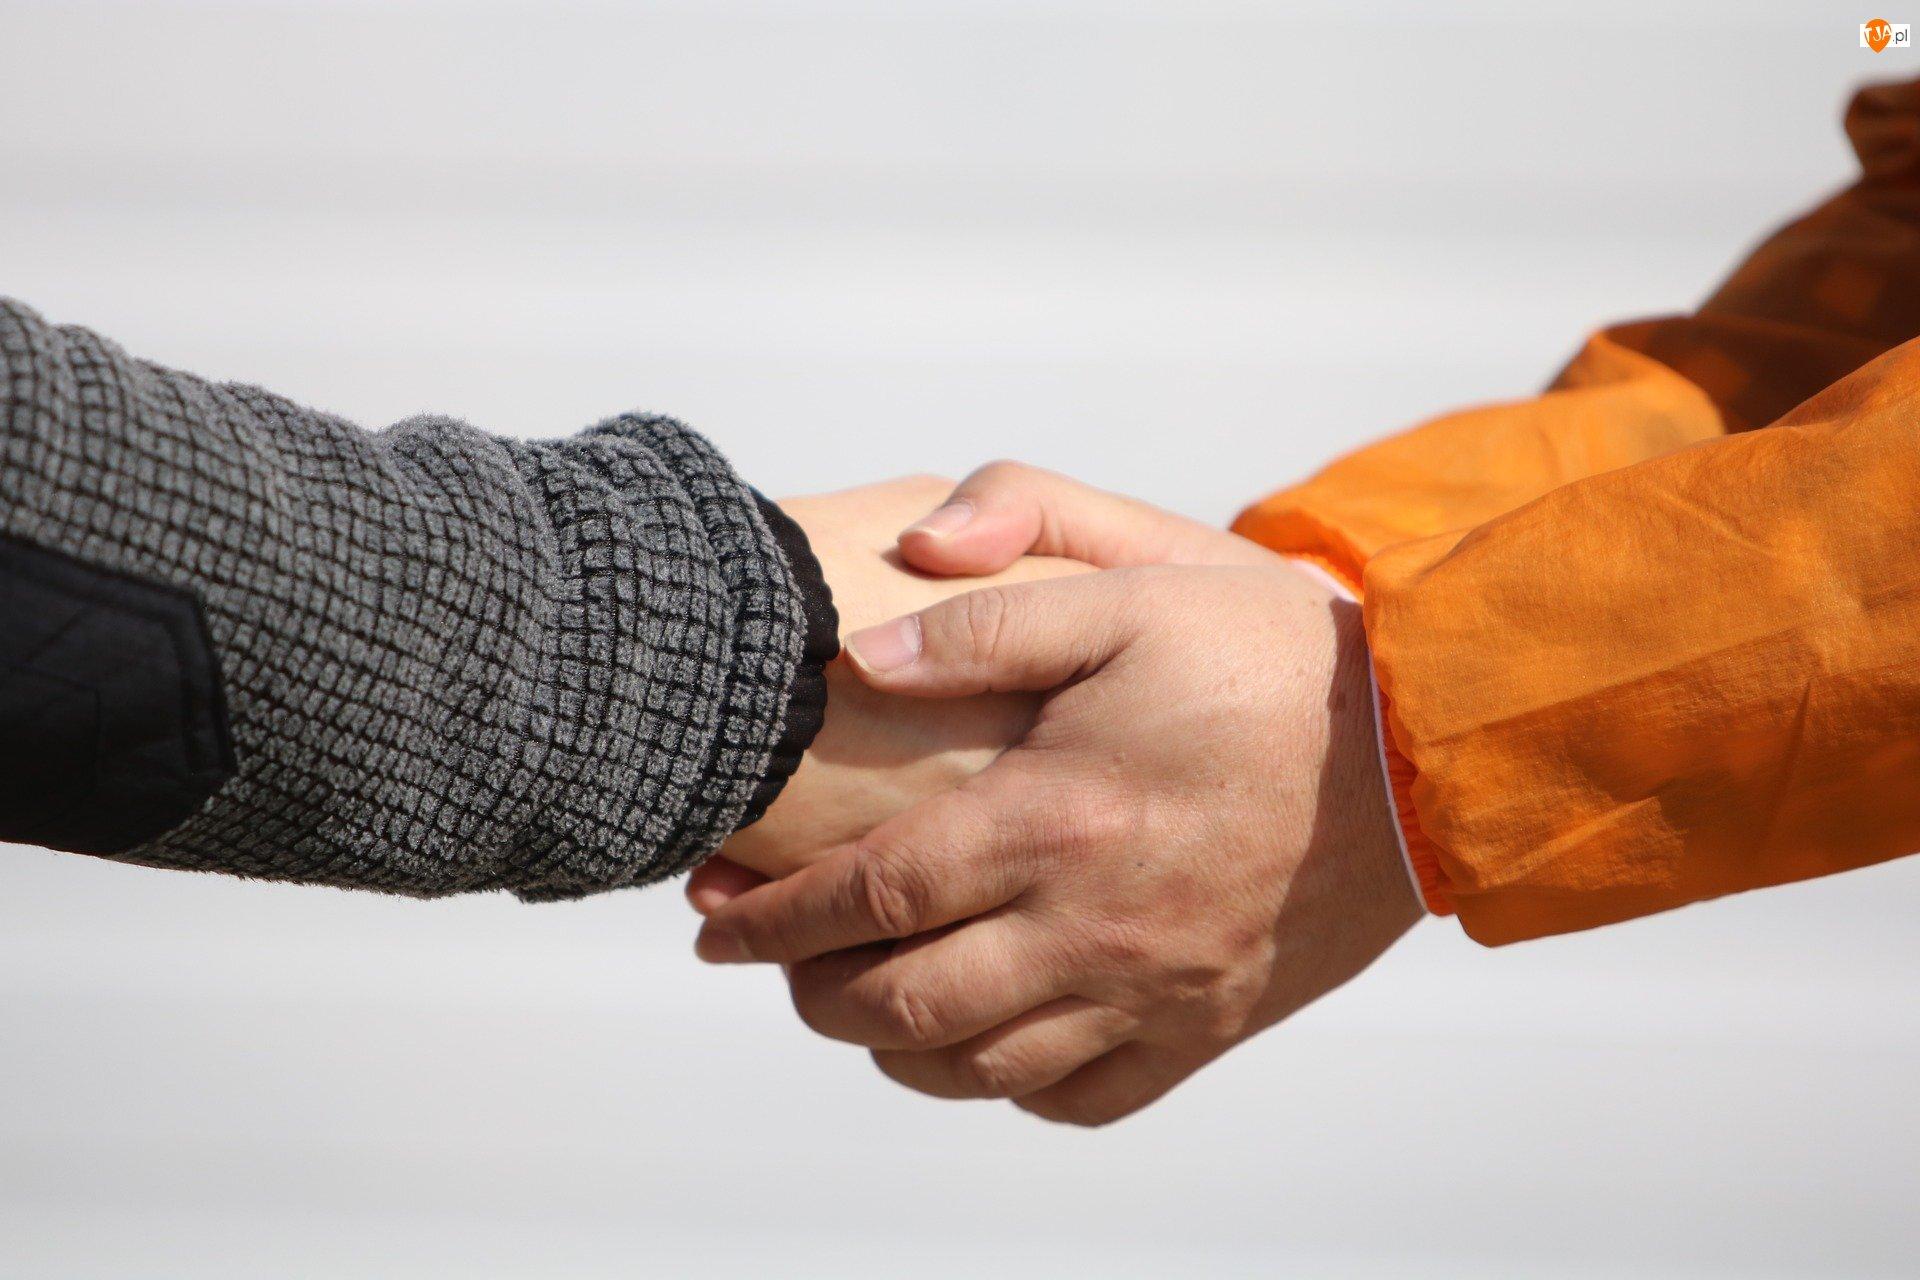 Uścisk, Ręce, Dłonie